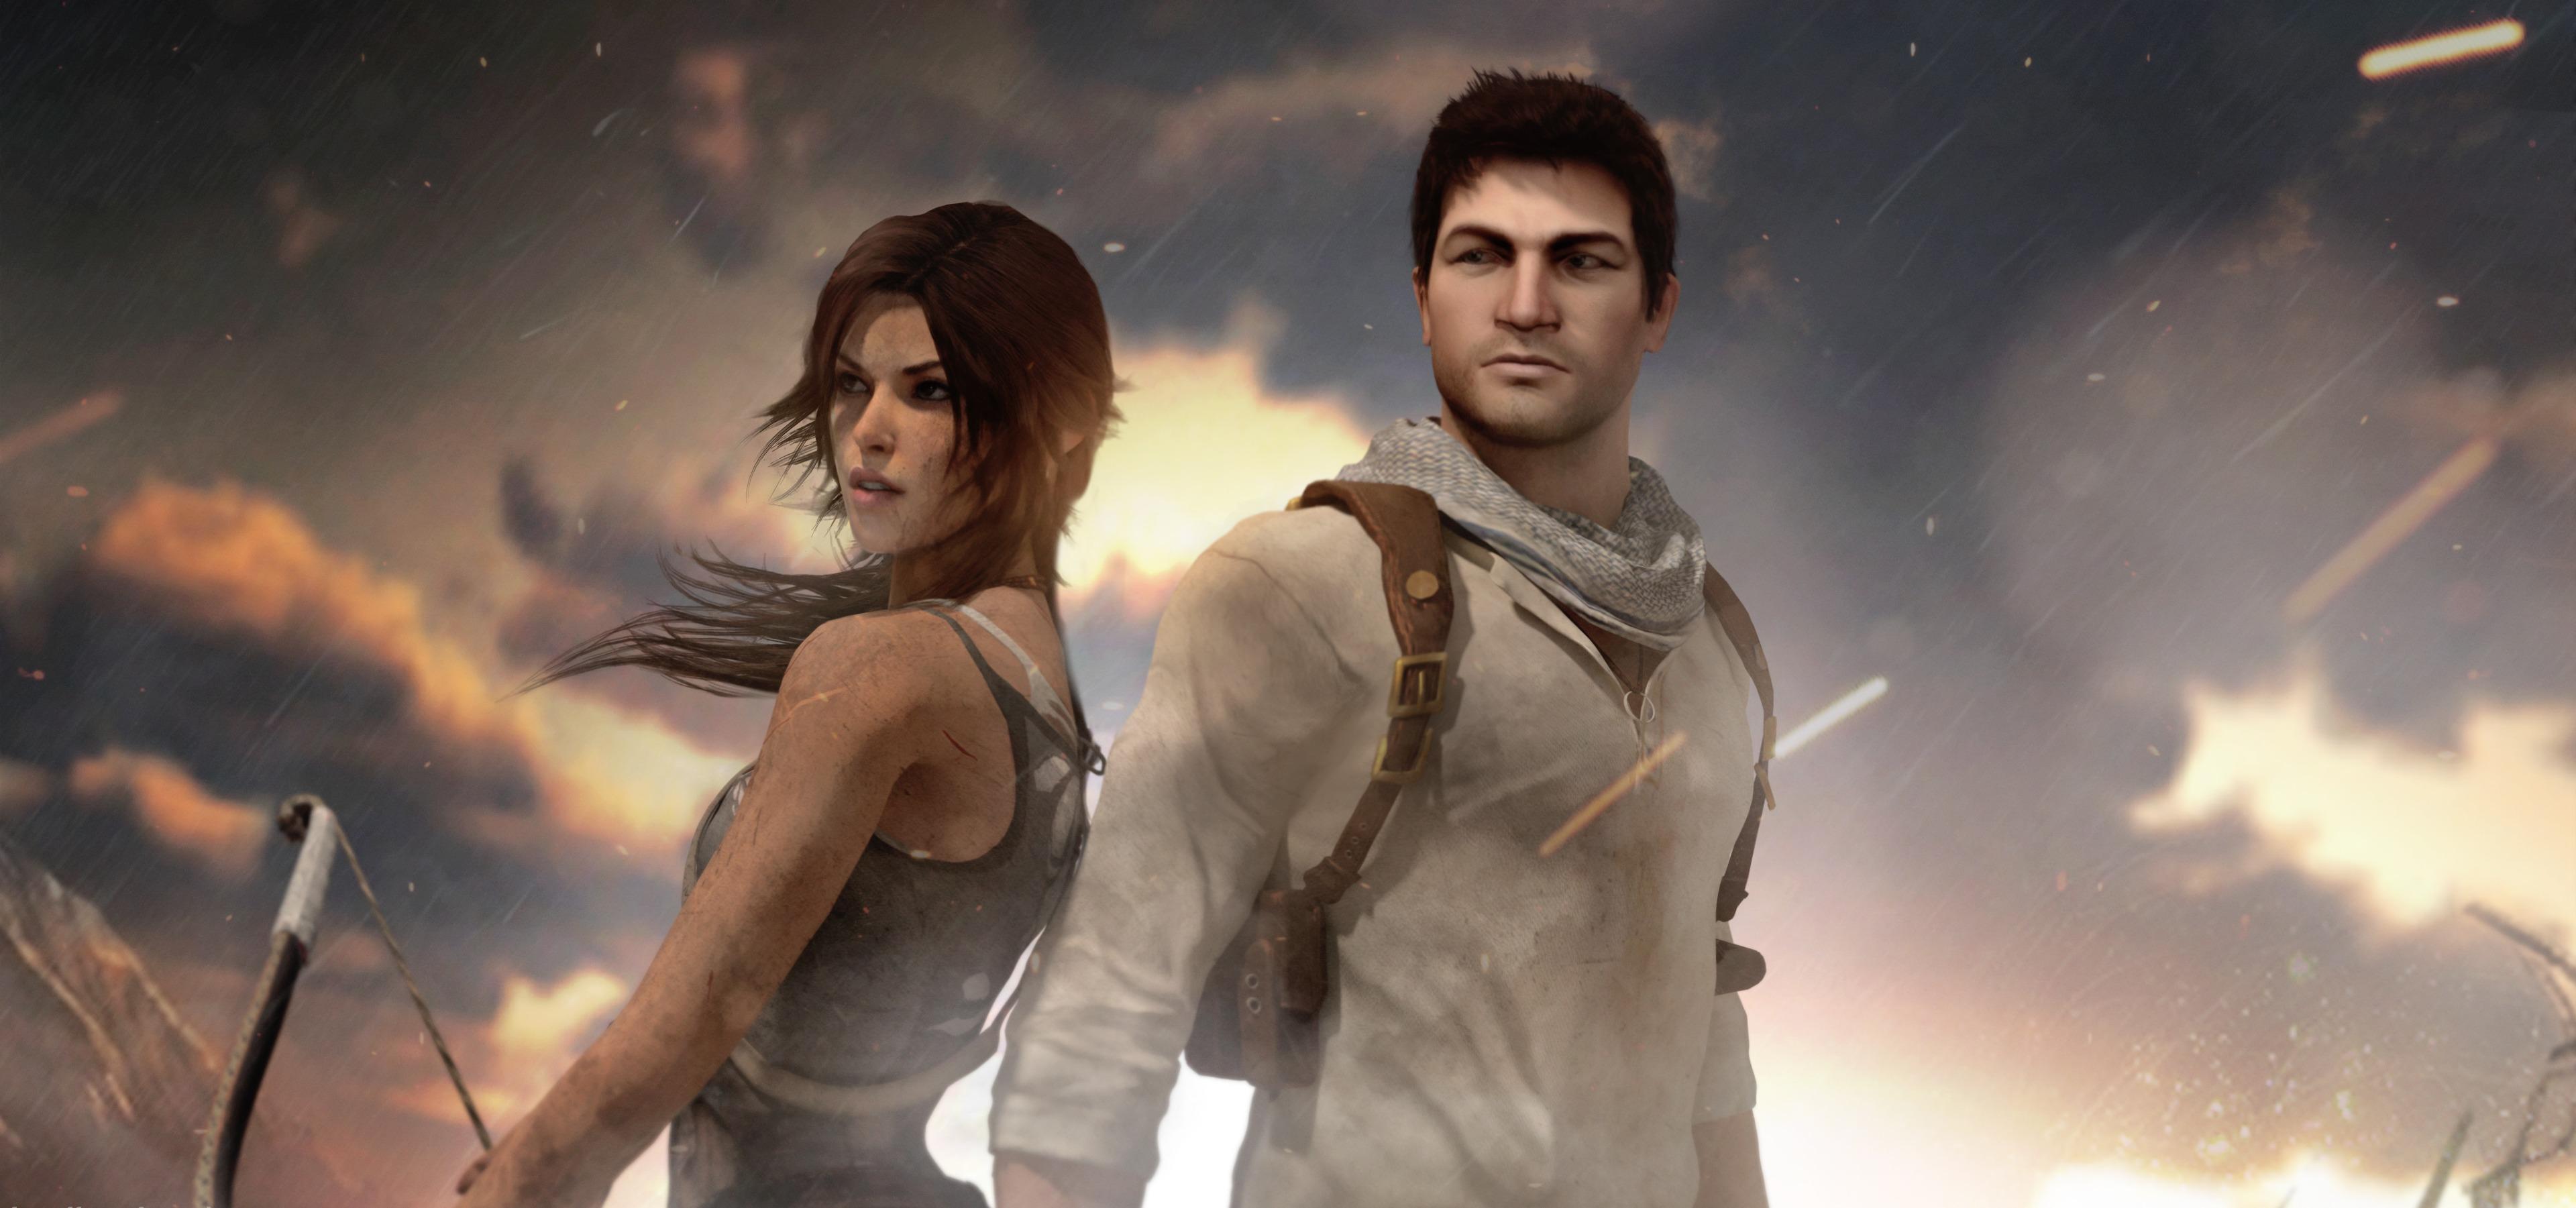 Wallpaper Nathan Drake Lara Croft Tomb Raider Uncharted